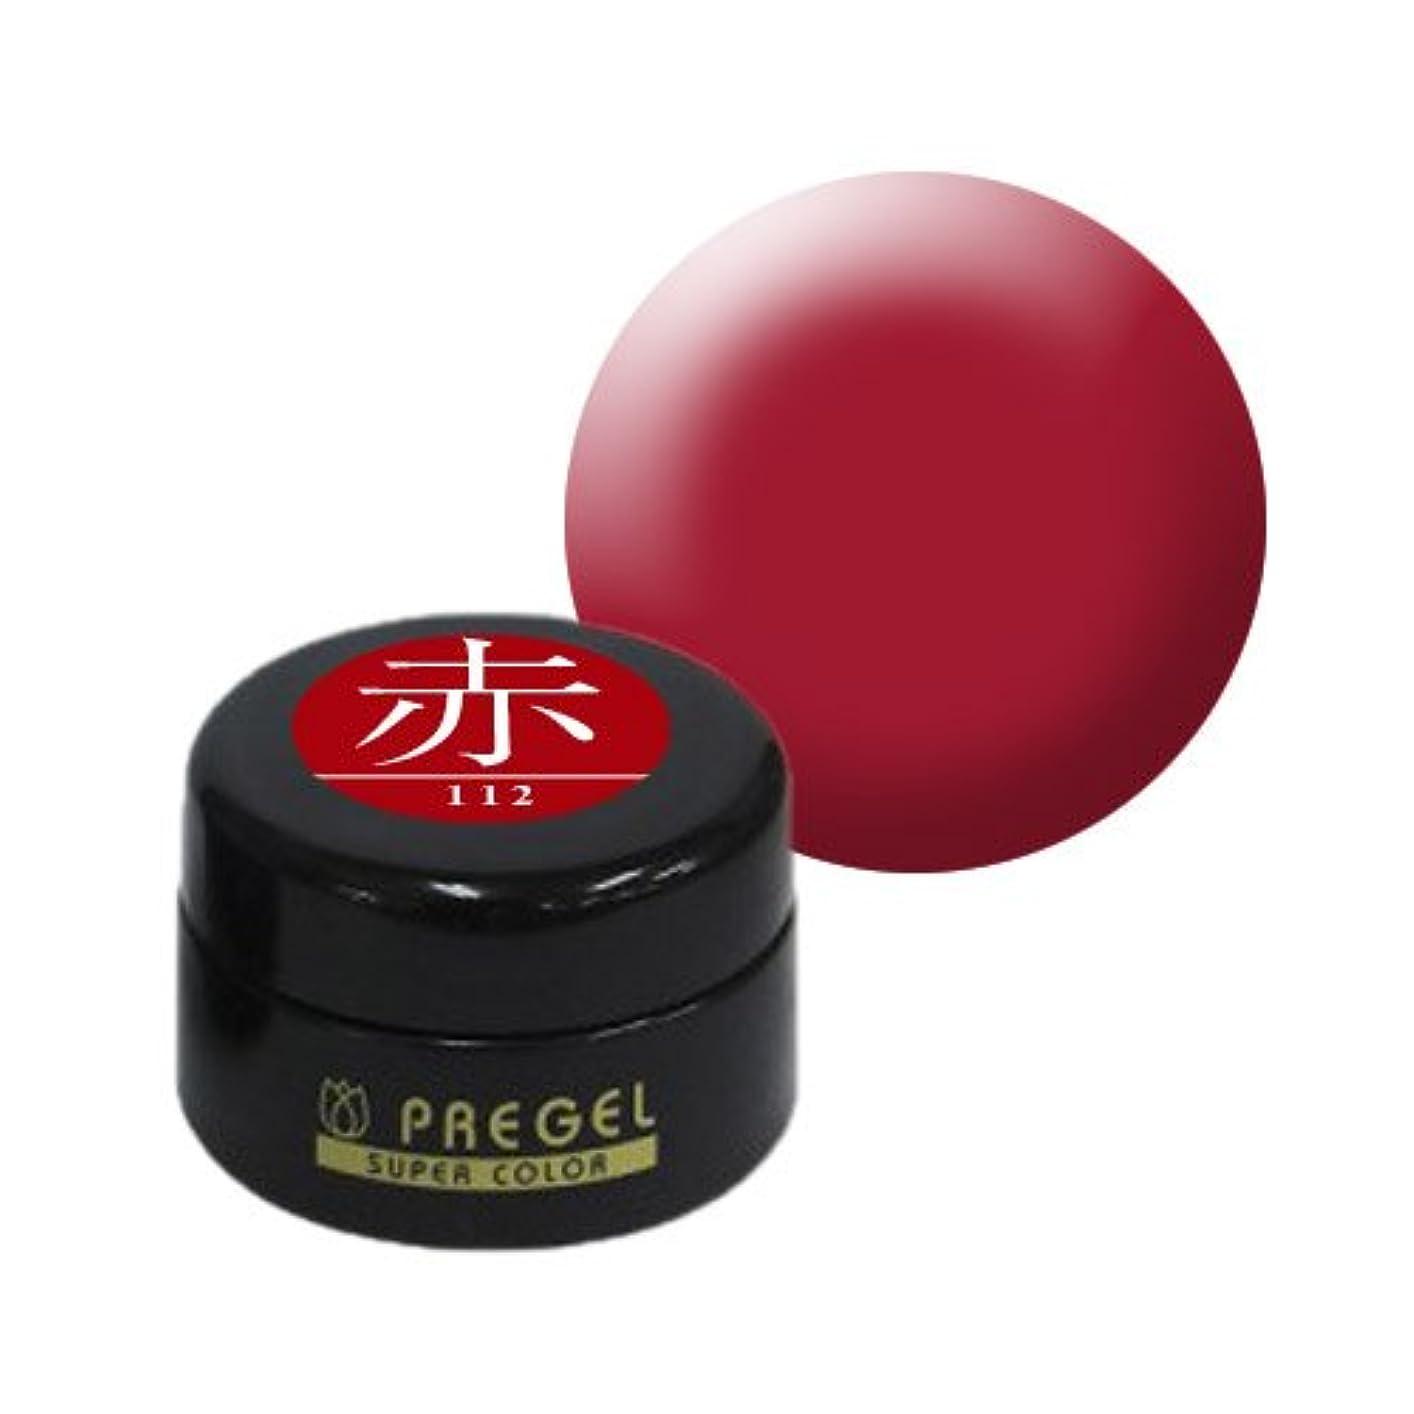 ピアニスト洗練された任命する【PREGEL】カラーEx 赤 / PG-CE112 【UV&LED】プリジェル カラージェル ジェルネイル用品